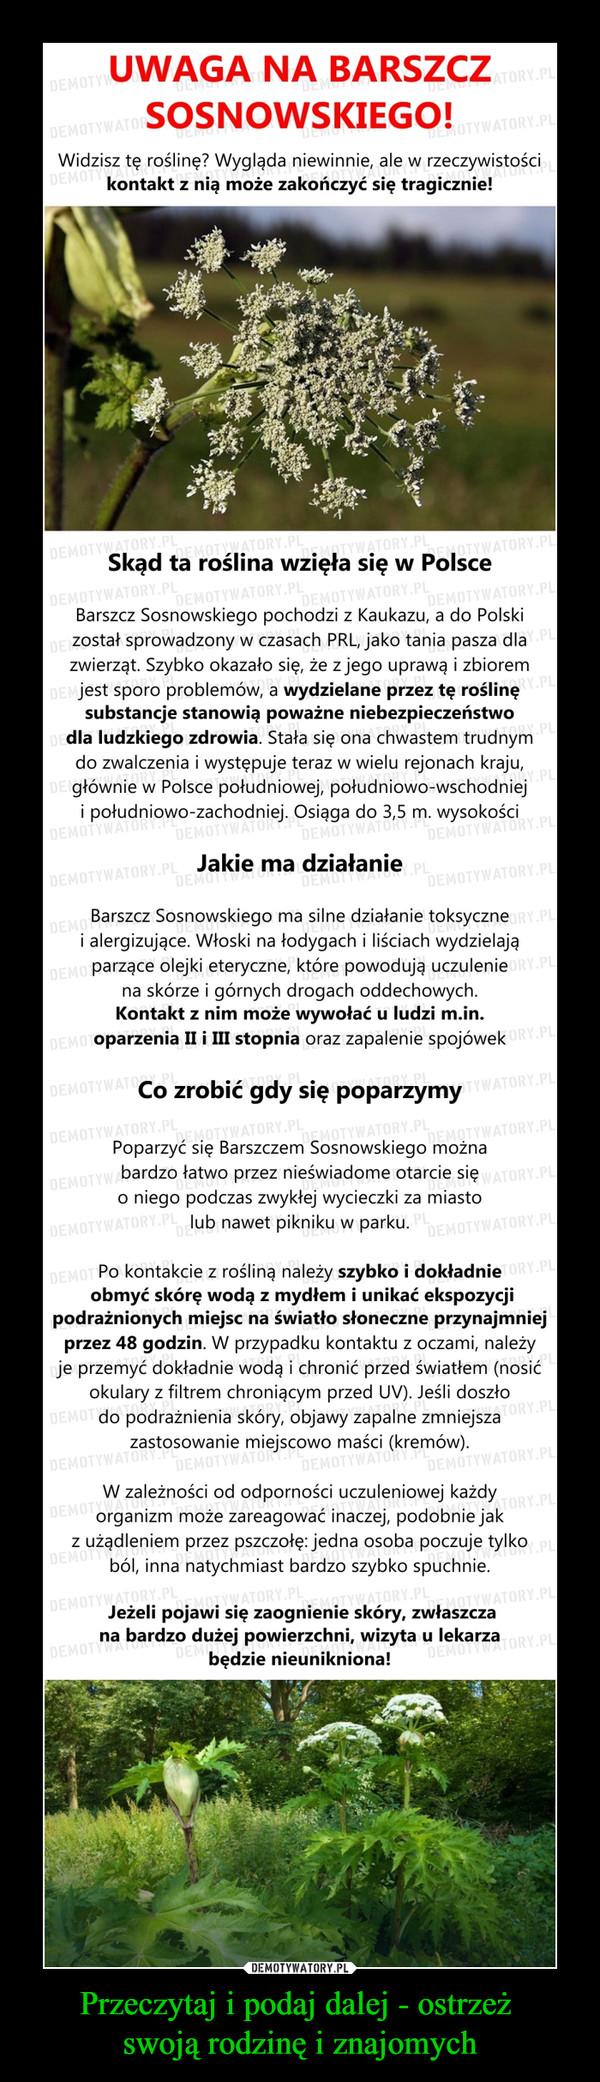 Przeczytaj i podaj dalej - ostrzeż swoją rodzinę i znajomych –  UWAGA NA BARSZCZSOSNOWSKIEGO!Widzisz tę roślinę? Wygląda niewinnie, ale w rzeczywistościkontakt z nią może zakończyć się tragicznie!Skąd ta roślina wzięła się w Polsce0Barszcz Sosnowskiego pochodzi z Kaukazu, a do Polskizostał sprowadzony w czasach PRL, jako tania pasza dlazwierząt. Szybko okazało się, że z jego uprawą i zbioremjest sporo problemów, a wydzielane przez tę roślinęsubstancje stanowią poważne niebezpieczeństwodla ludzkiego zdrowia. Stała się ona chwastem trudnymdo zwalczenia i występuje teraz w wielu rejonach kraju,głównie w Polsce południowej, południowo-wschodnieji południowo-zachodniej. Osiąga do 3,5 m. wysokościJakie ma działanieWABarszcz Sosnowskiego ma silne działanie toksycznei alergizujące. Włoski na łodygach i liściach wydzielająparzące olejki eteryczne, które powodują uczuleniena skórze i górnych drogach oddechowych.Kontakt z nim może wywołać u ludzi m.in.oparzenia II i Ш stopnia oraz zapalenie spojówekCo zrobić gdy się poparzymyPoparzyć się Barszczem Sosnowskiego możnabardzo łatwo przez nieświadome otarcie sięo niego podczas zwykłej wycieczki za miastolub nawet pikniku w parkuATOPo kontakcie z rośliną należy szybko i dokładnieobmyć skórę wodą z mydłem i unikać ekspozycjipodrażnionych miejsc na światło słoneczne przynajmniejprzez 48 godzin. W przypadku kontaktu z oczami, należyje przemyć dokładnie wodą i chronić przed światłem (nosidokulary z filtrem chroniącym przed UV). Jeśli doszłodo podrażnienia skóry, objawy zapalne zmniejszazastosowanie miejscowo maści (kremów)W zależności od odporności uczuleniowej każdyorganizm może zareagować inaczej, podobnie jakz użądleniem przez pszczołę: jedna osoba poczuje tylkoból, inna natychmiast bardzo szybko spuchnie.Jeżeli pojawi się zaognienie skóry, zwłaszczana bardzo dużej powierzchni, wizyta u lekarzabędzie nieunikniona!0